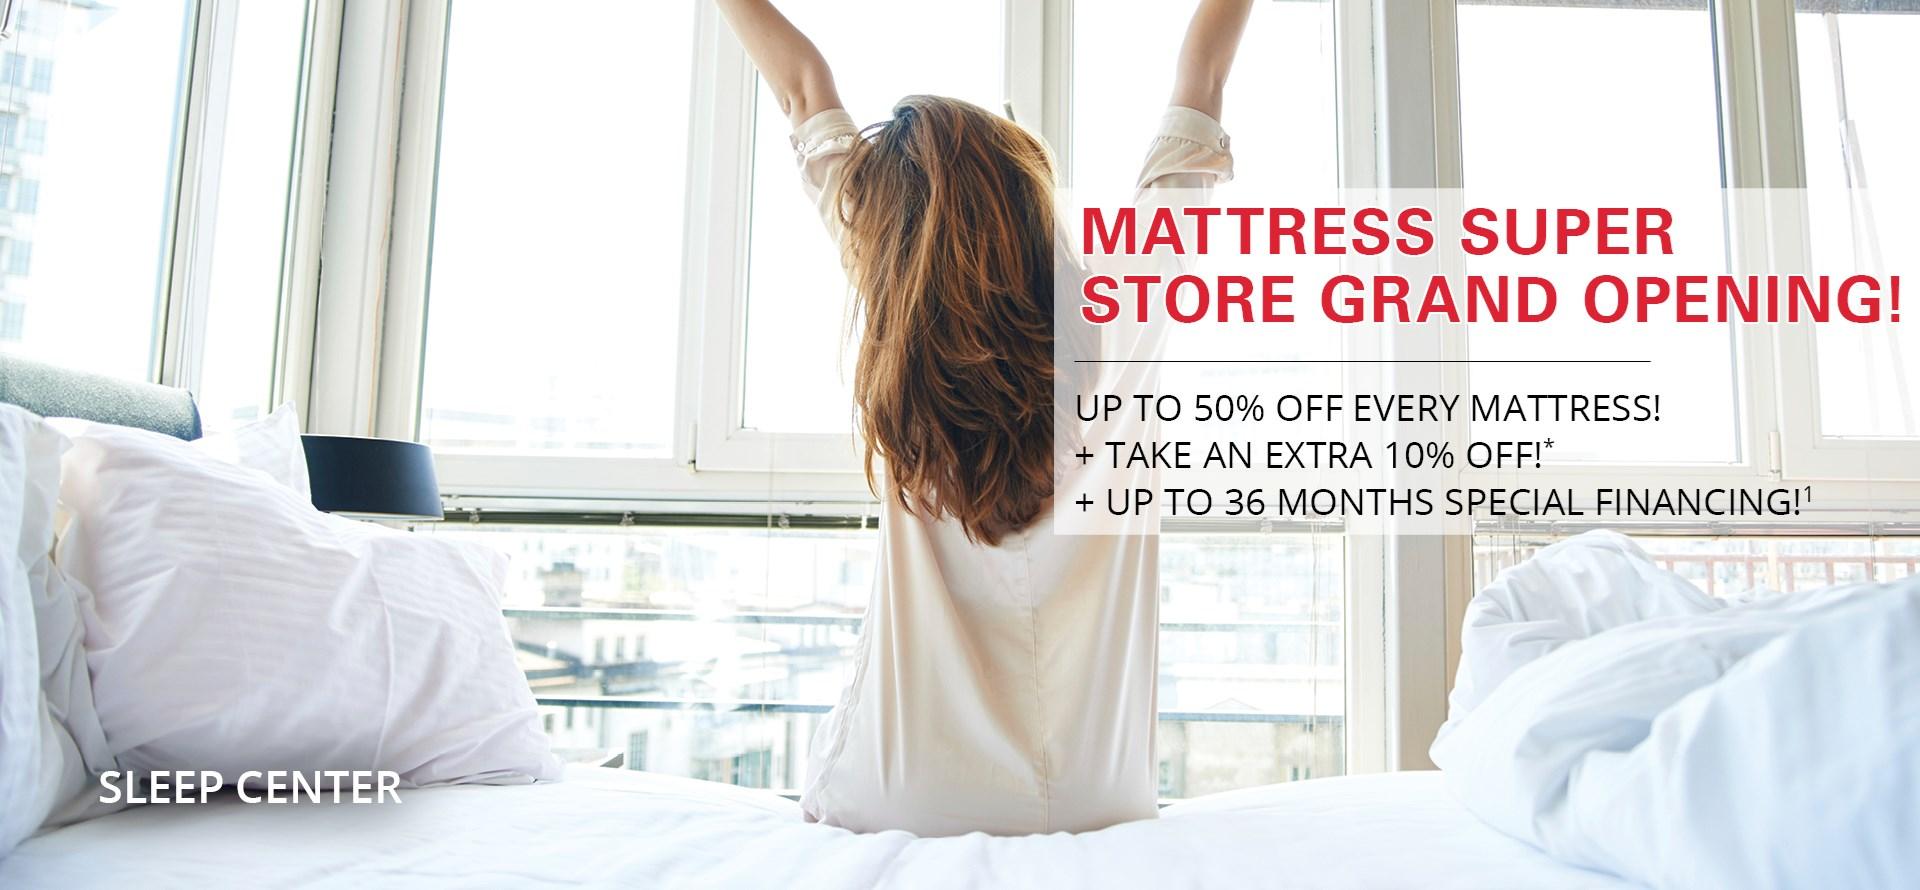 Mattress Super Store